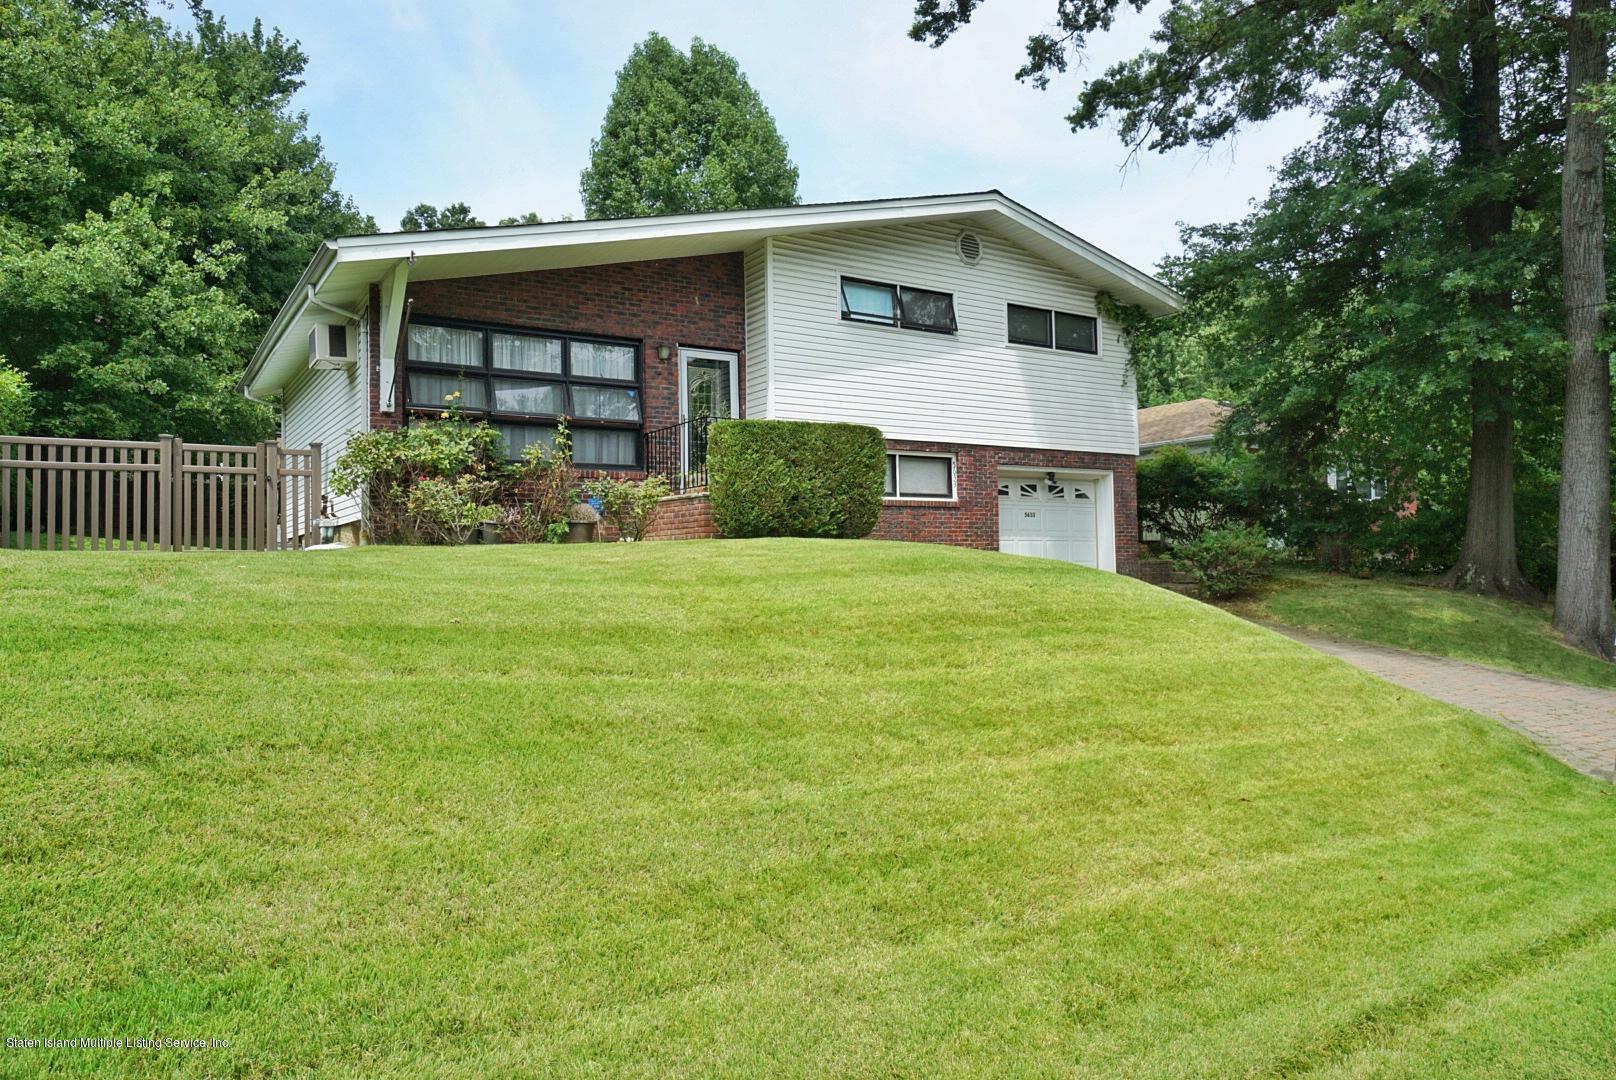 Single Family - Detached 5633 Amboy Road  Staten Island, NY 10309, MLS-1131255-4